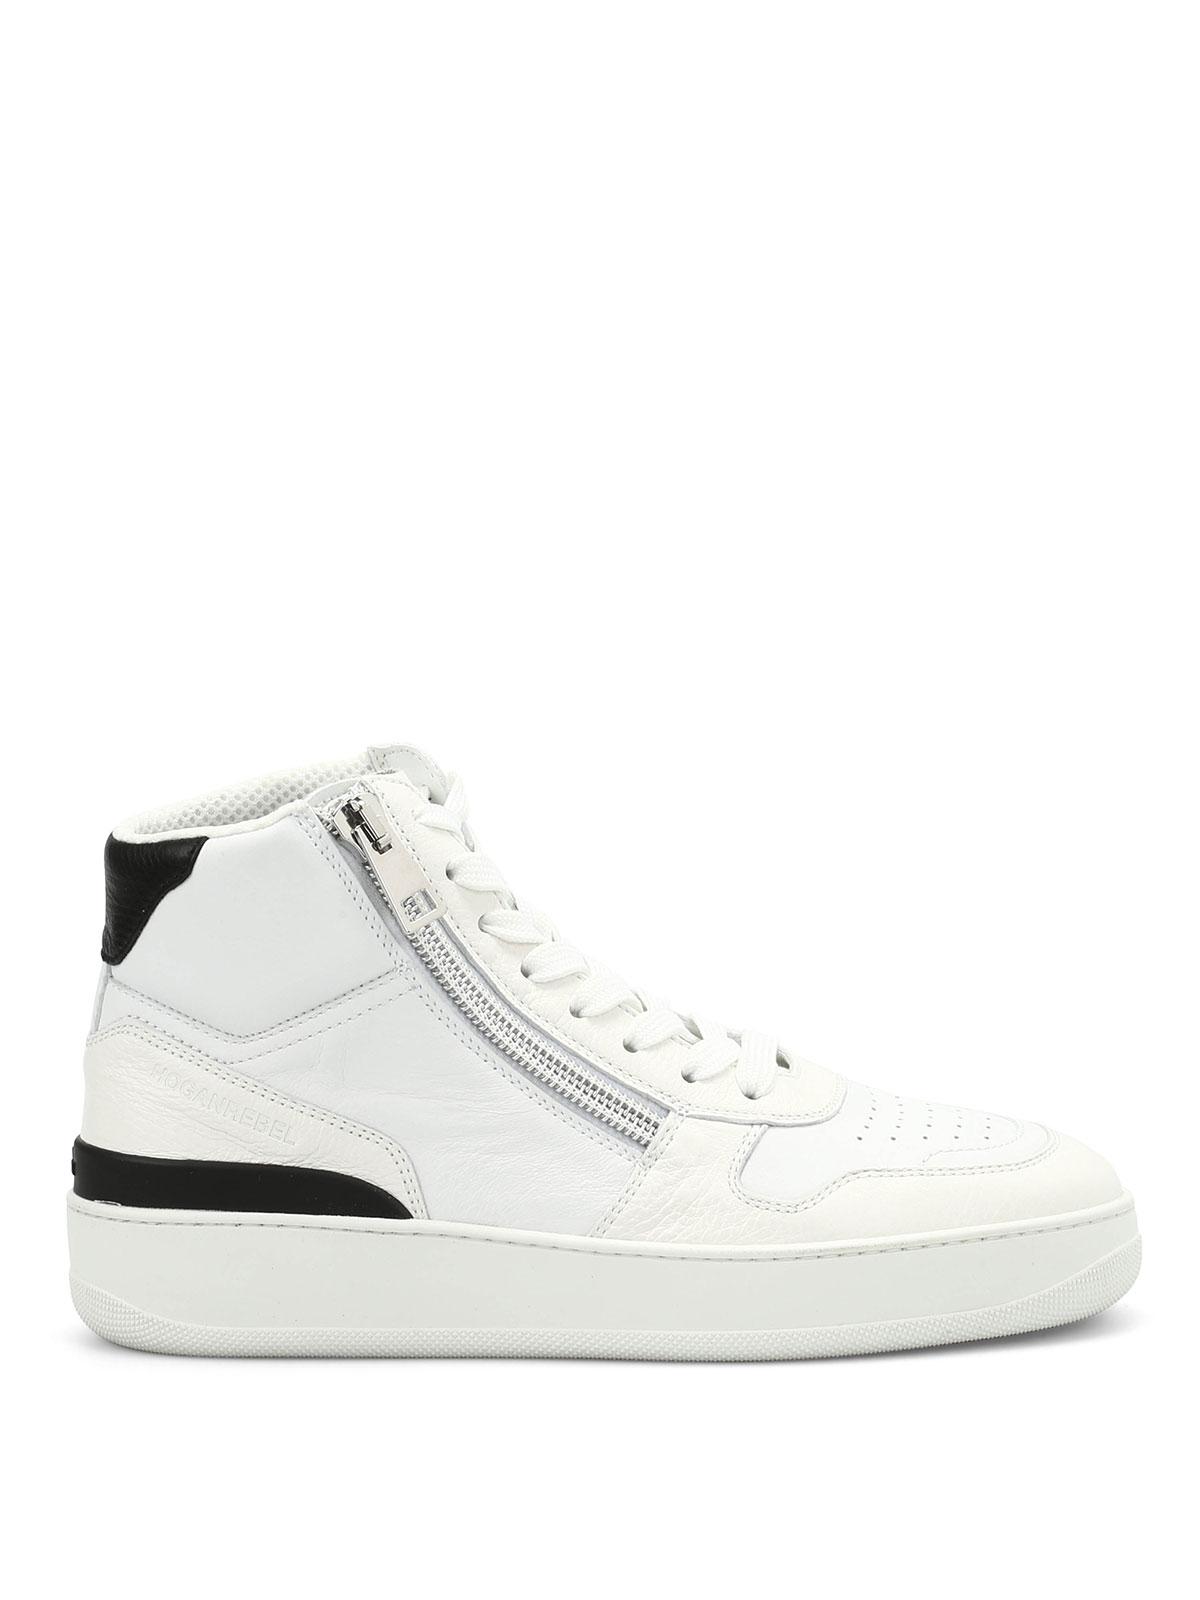 Hogan Rebel - Sneaker alte Pure R280 - sneakers - HXM2800U480CKJ0001 8fe4e386e69